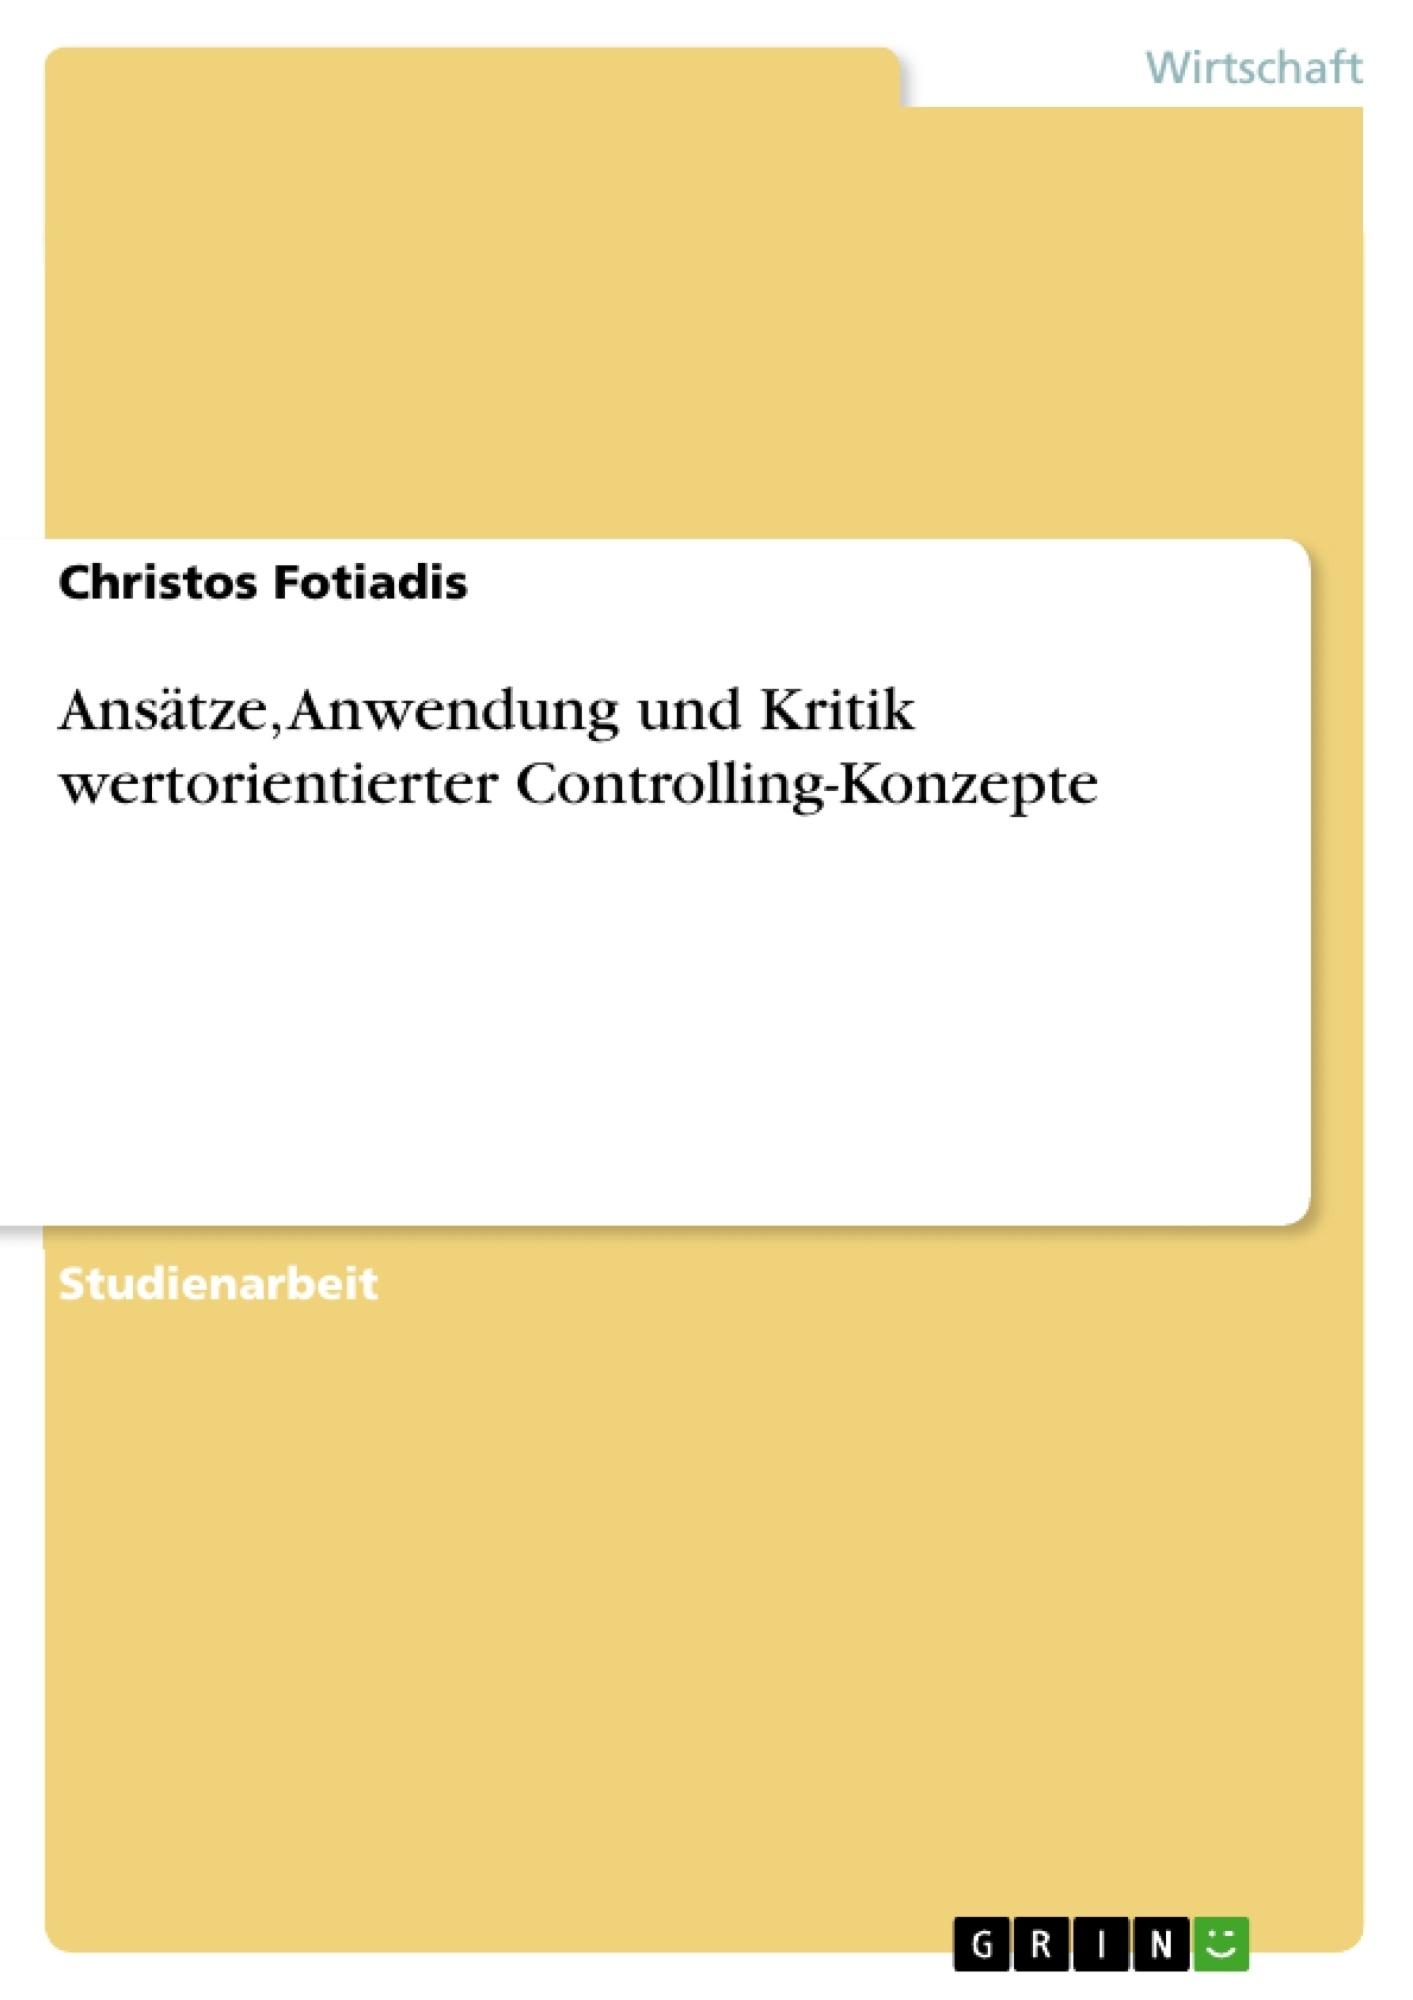 Titel: Ansätze, Anwendung und Kritik wertorientierter Controlling-Konzepte